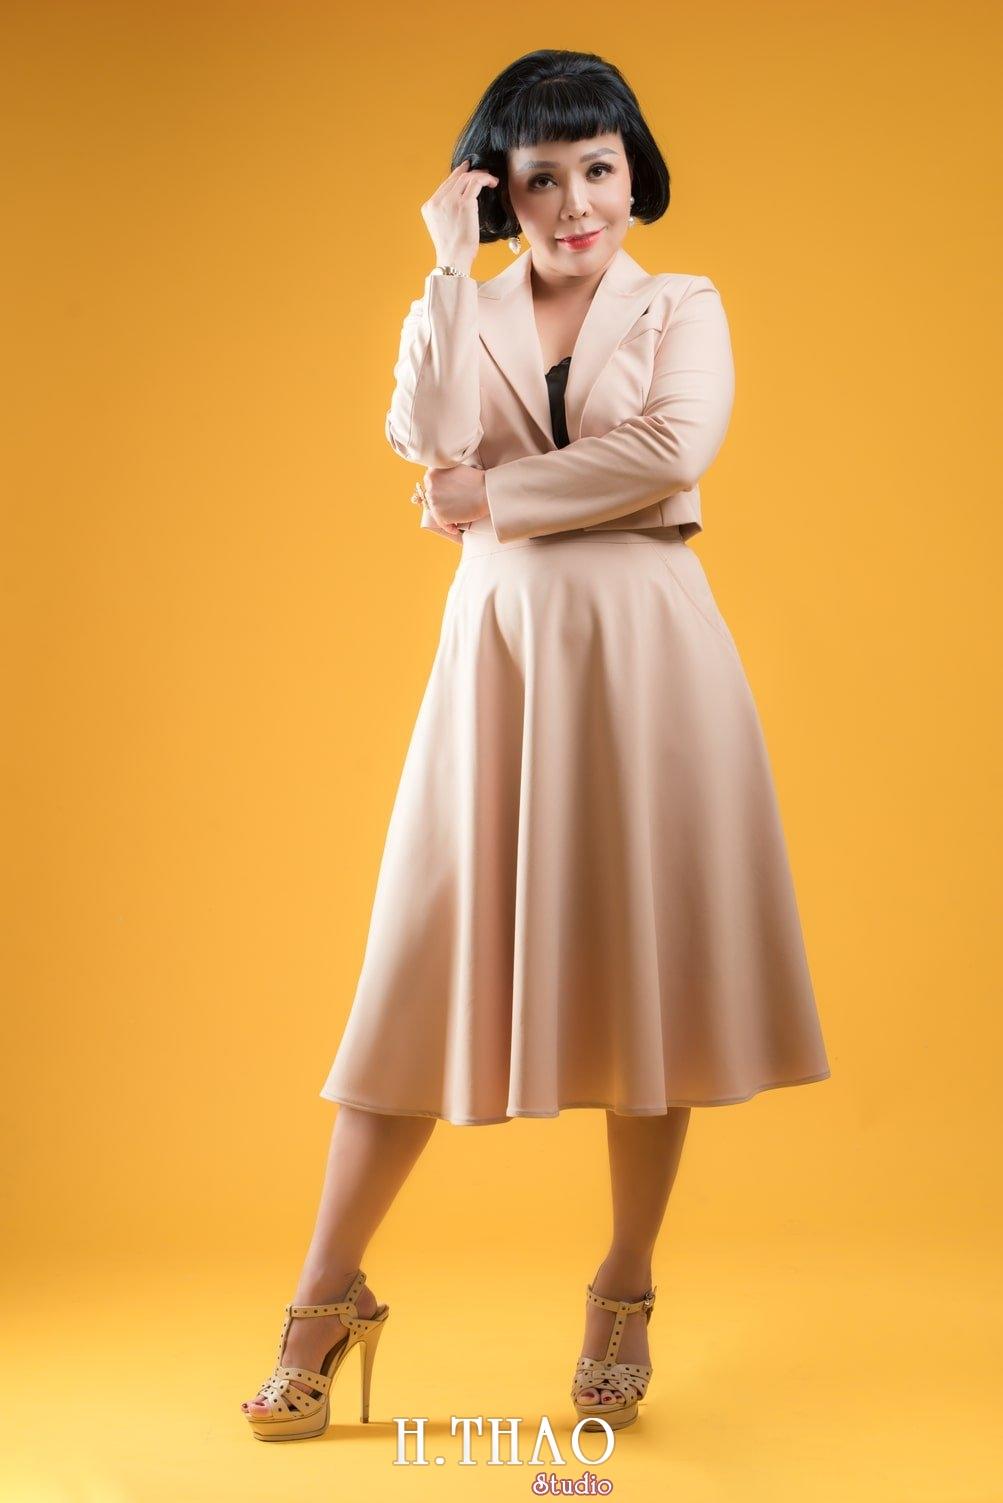 Doanh nhan dao tao 13 - Album nữ doanh nhân ngành đào tạo giải pháp Hoàng Dung